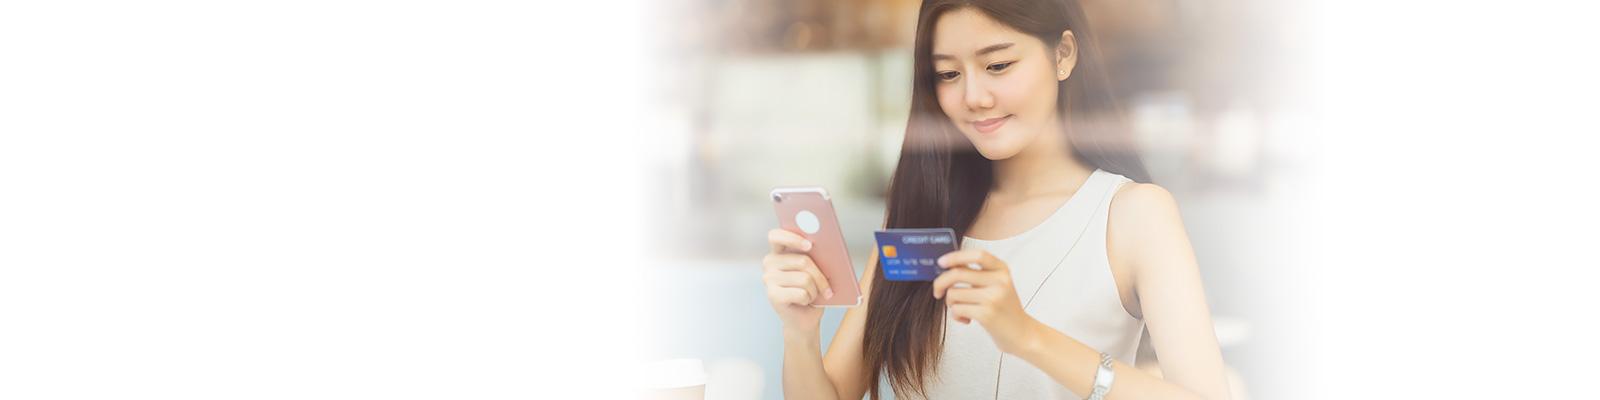 中国 決済 モバイル イメージ